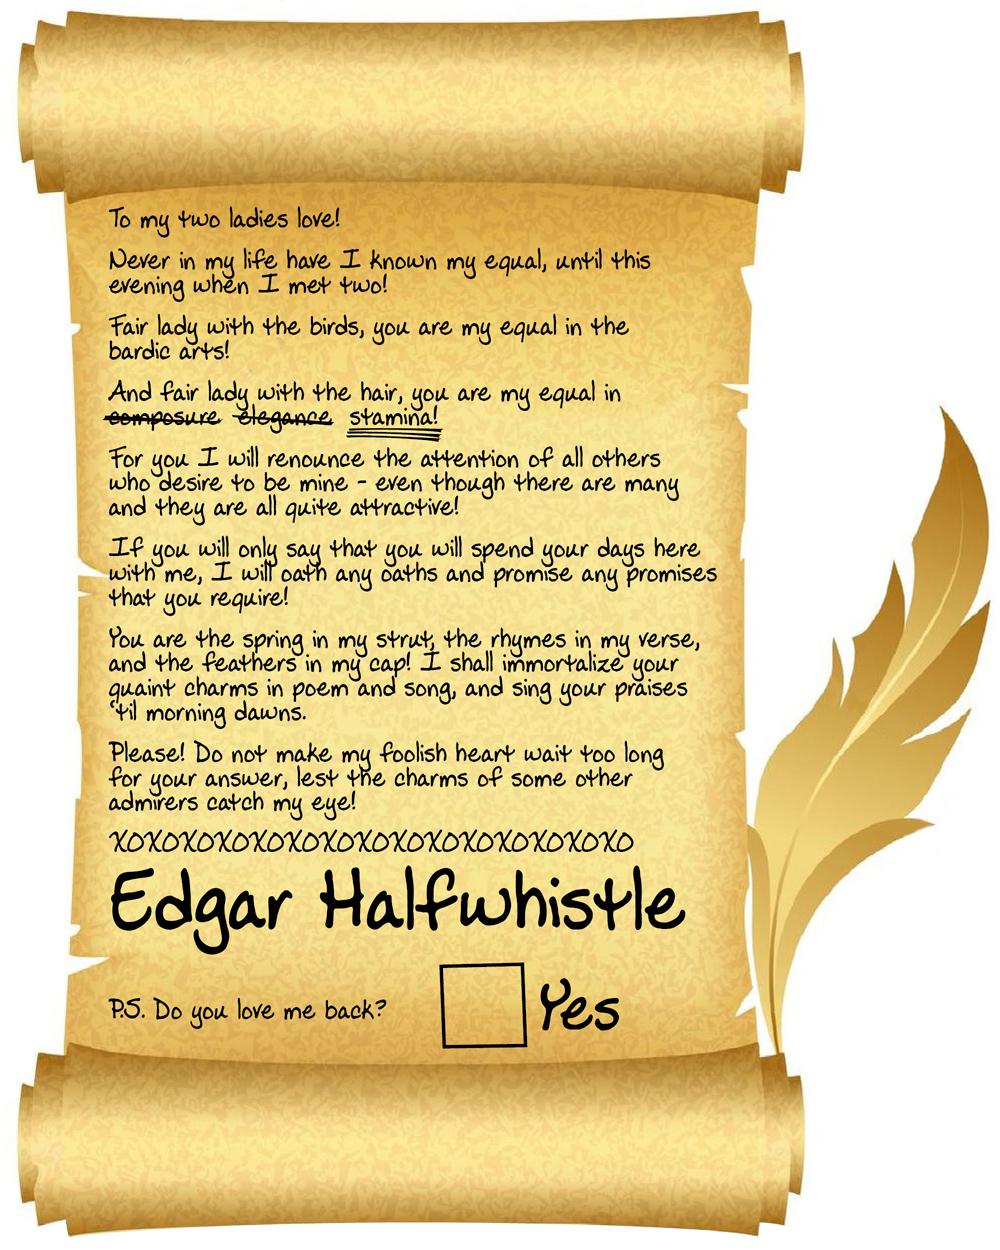 170101_Edgars_Letter.jpg